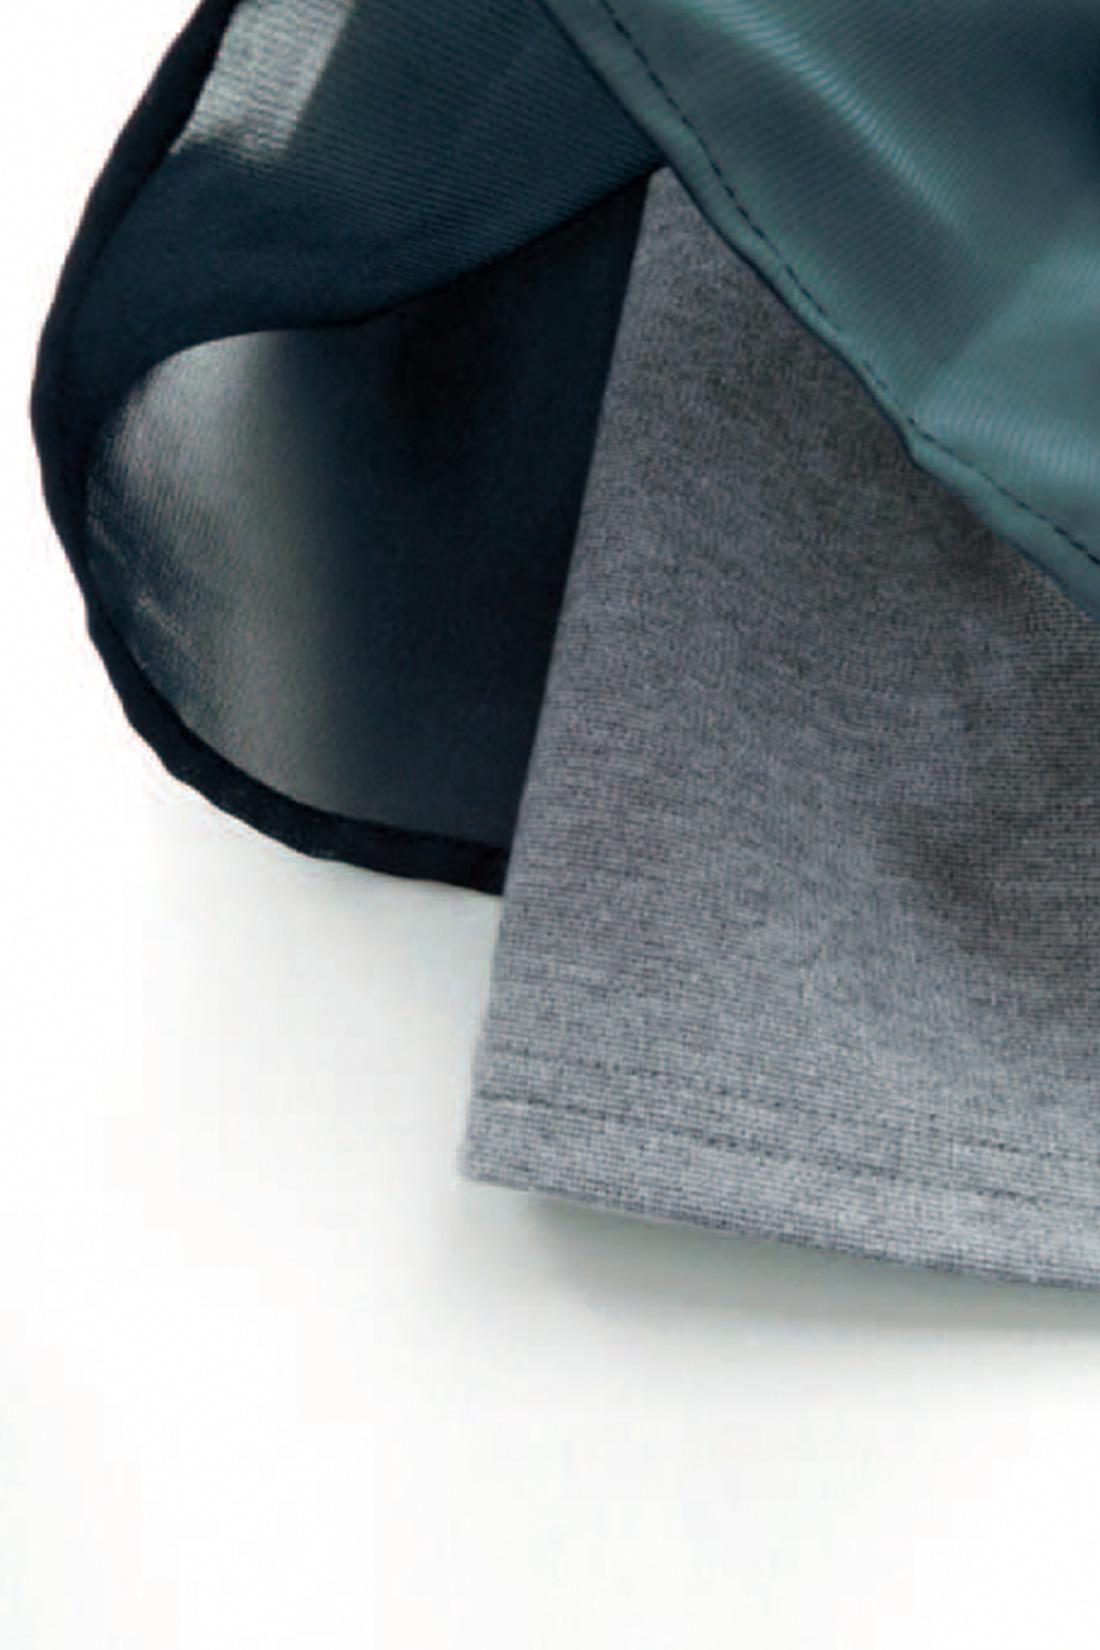 ★揺れるシフォンにときめいて。 背中からわきにかけて、透け感のあるシフォンを重ねています。ほんのり甘いアクセント。 ※お届けするカラーとは異なります。